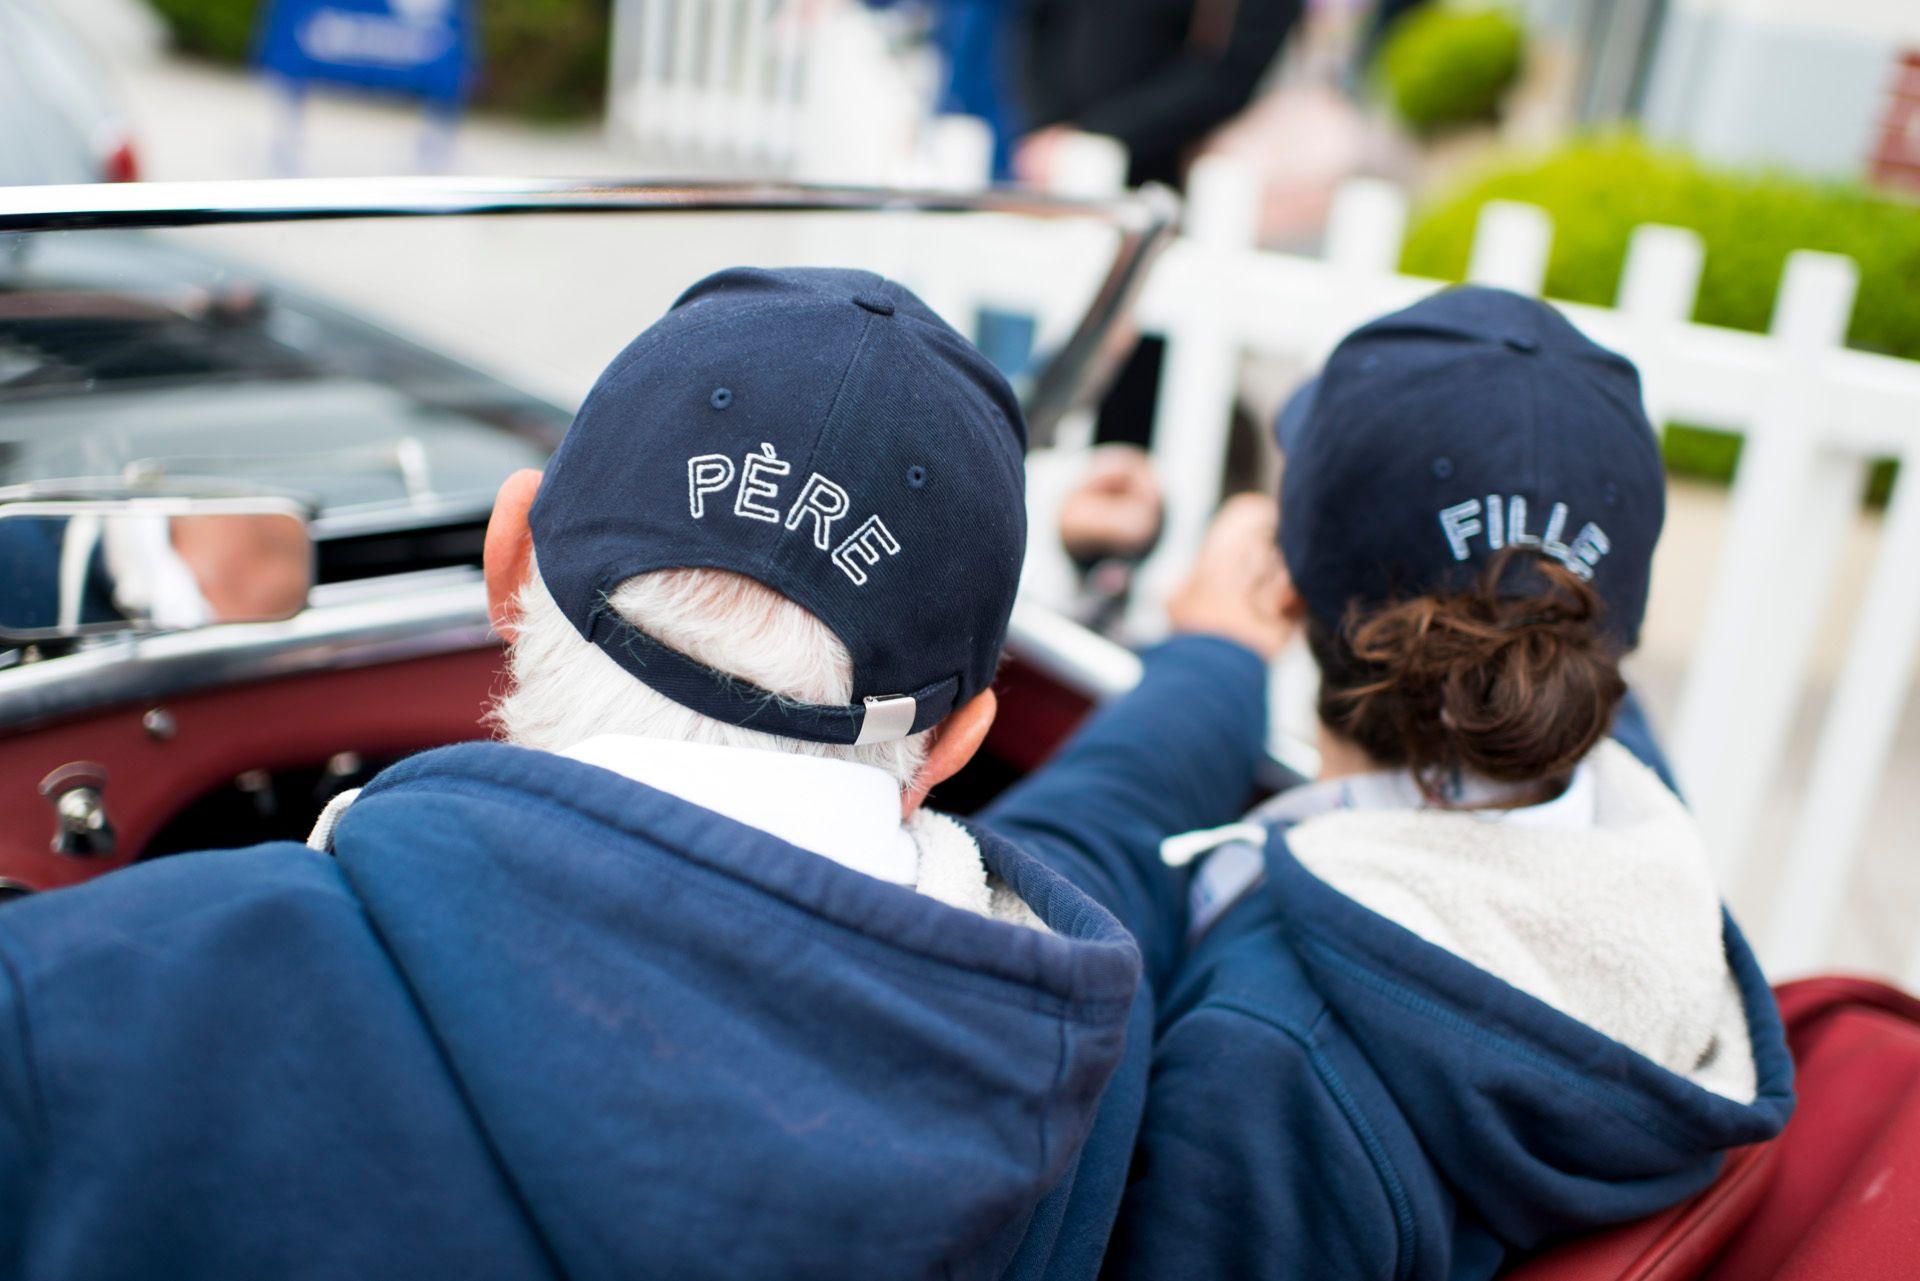 Rallye Père-Fille 2019